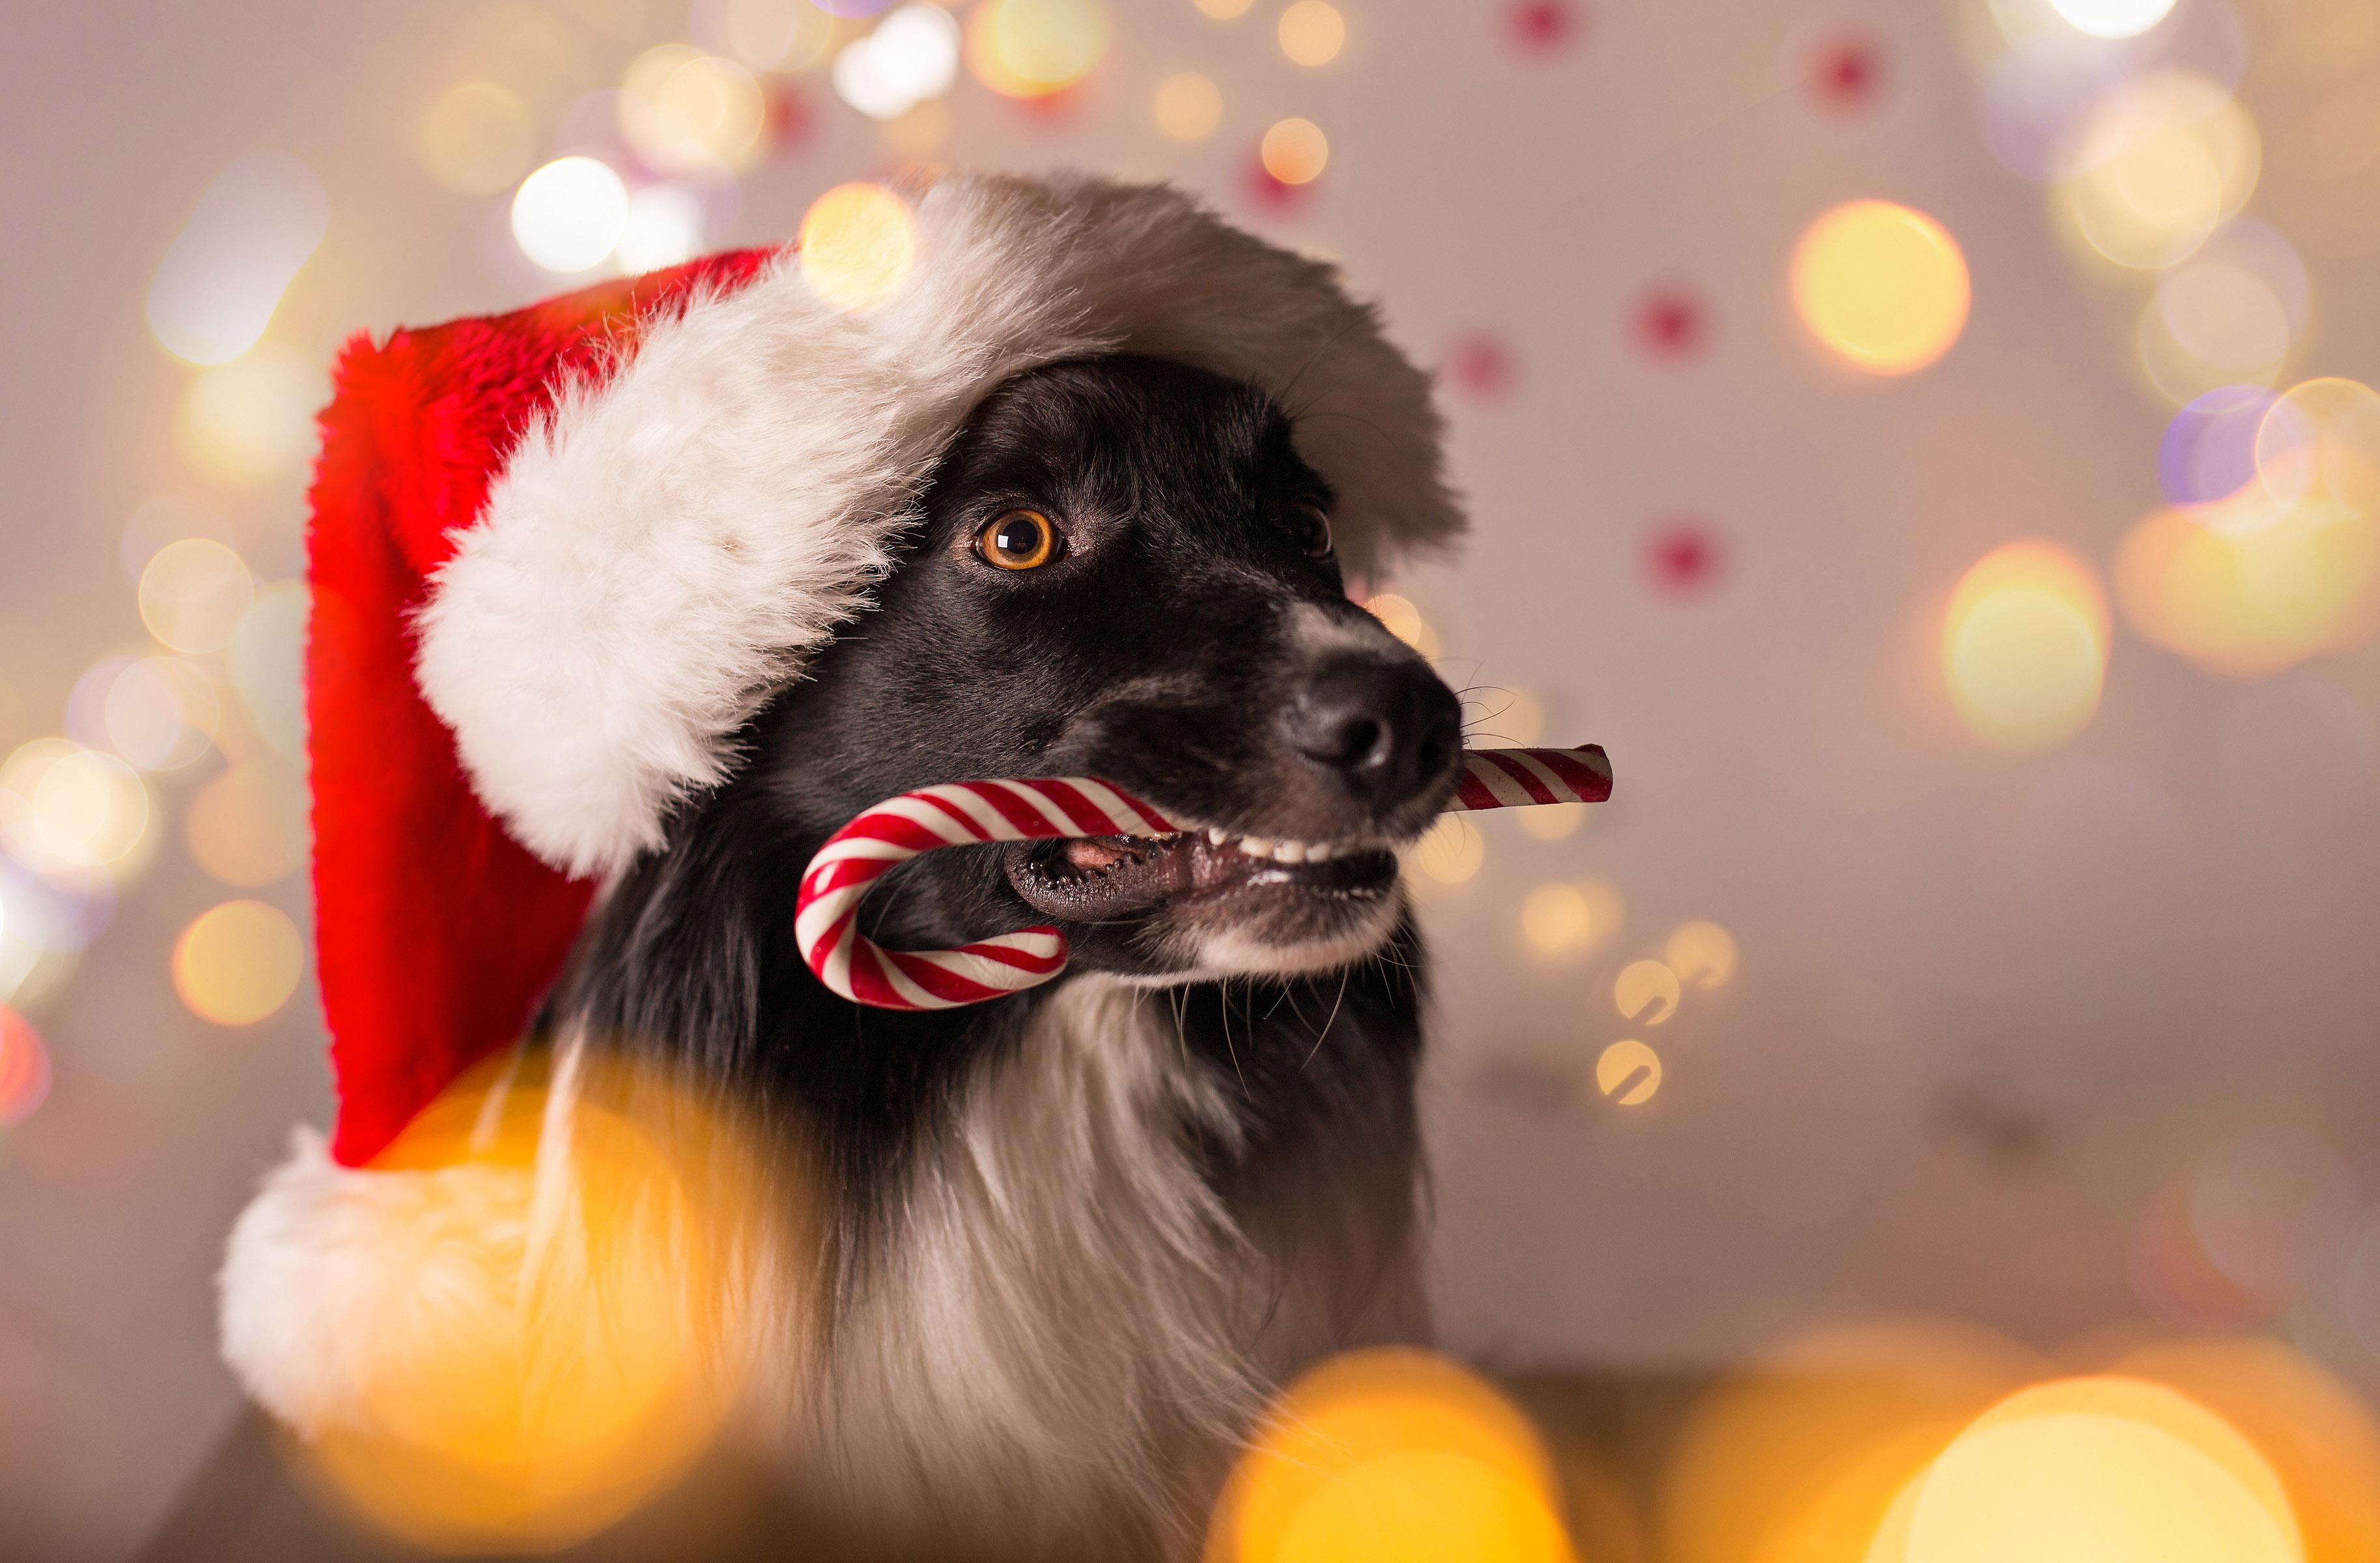 Собака в шапке Санта Клауса, новый год 2019 обои на рабочий, 3655 на 2400 пикселей